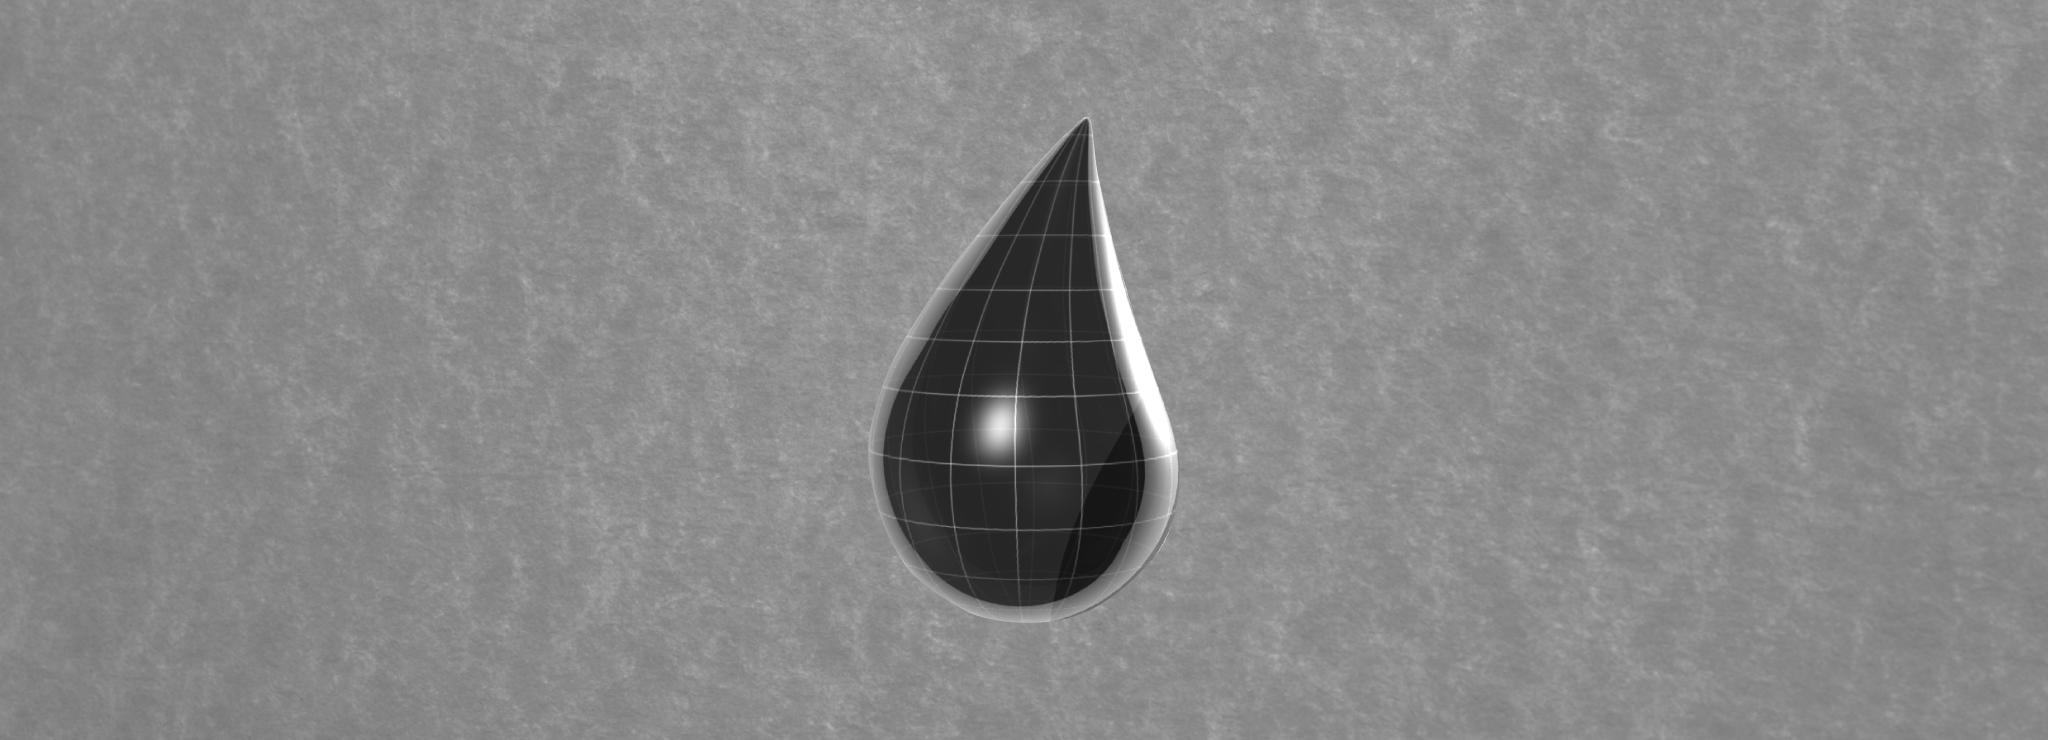 https://medialab.usal.es/wp-content/uploads/2016/05/Impresión-3D-cabecera-2.png